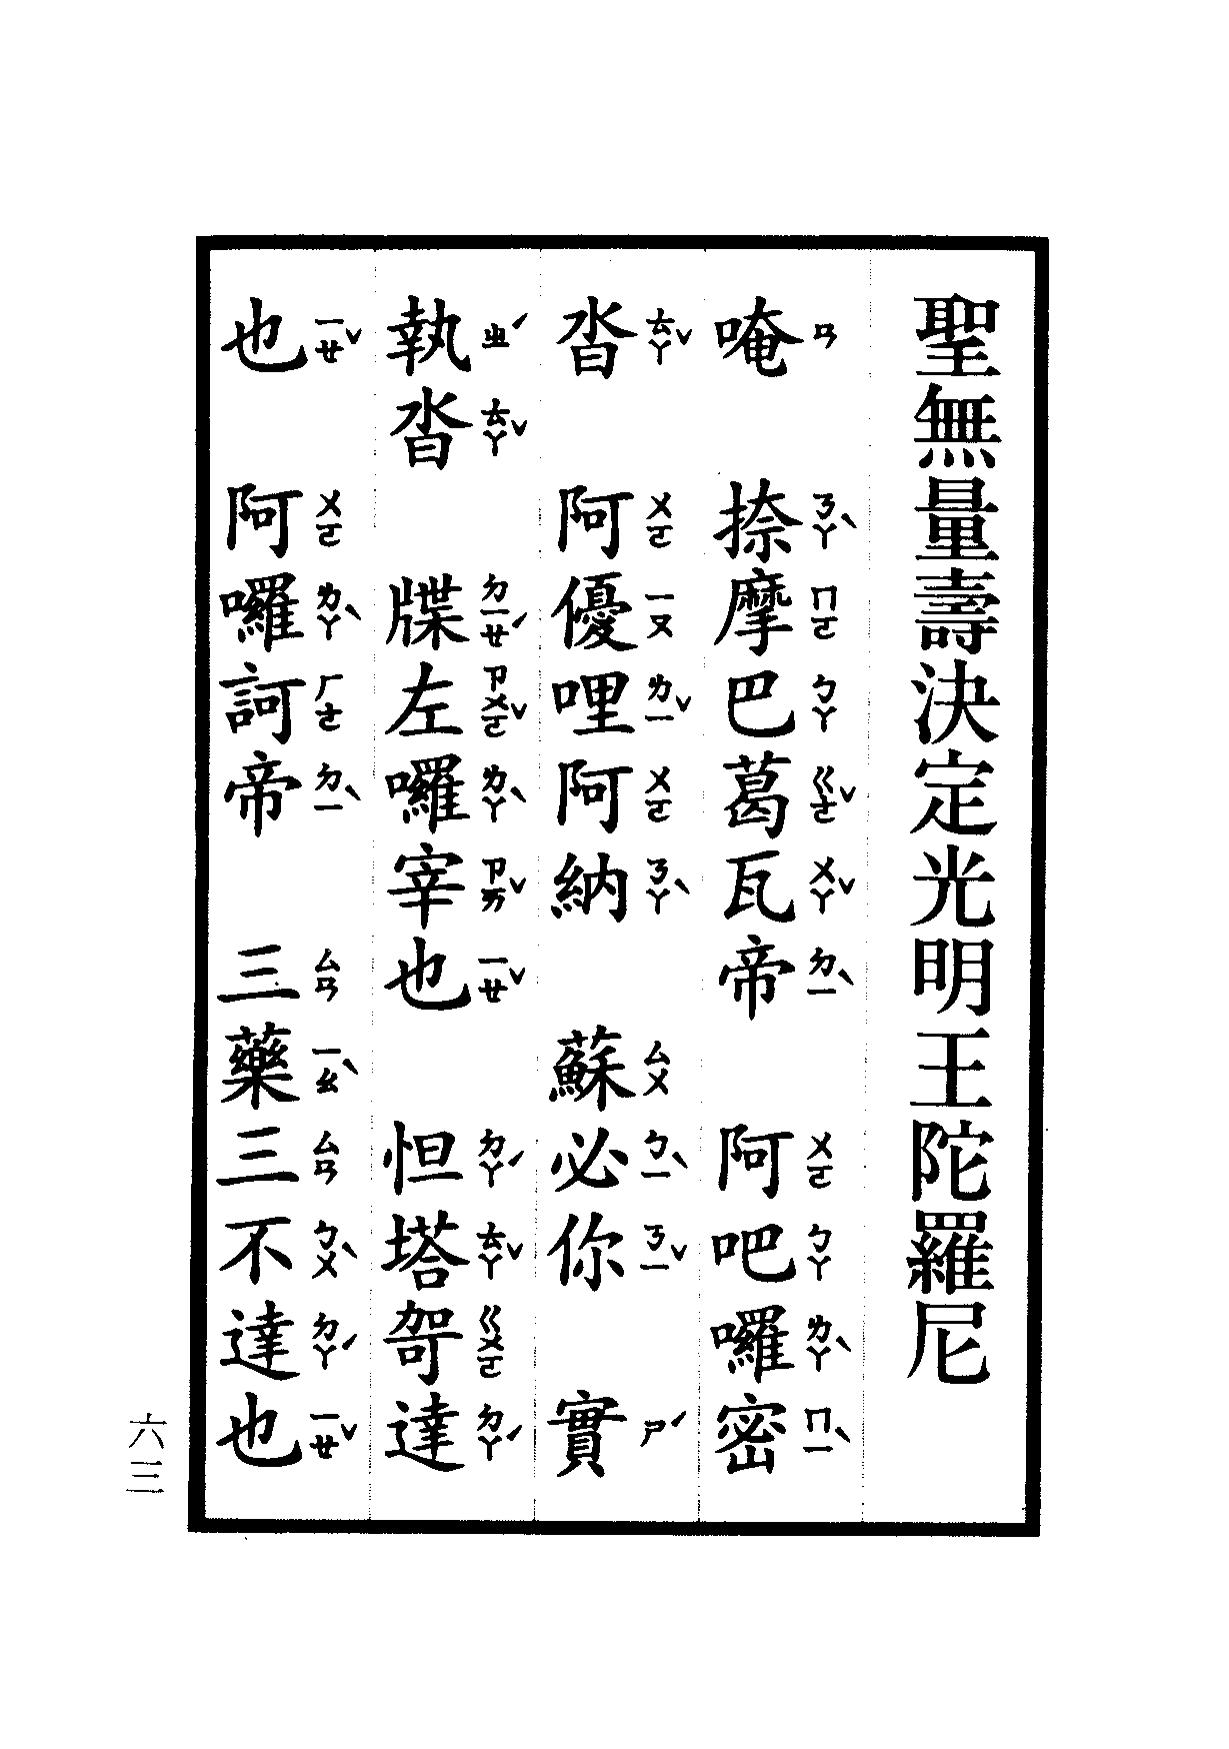 楞嚴咒-大悲咒-十小咒-易背本 69.png